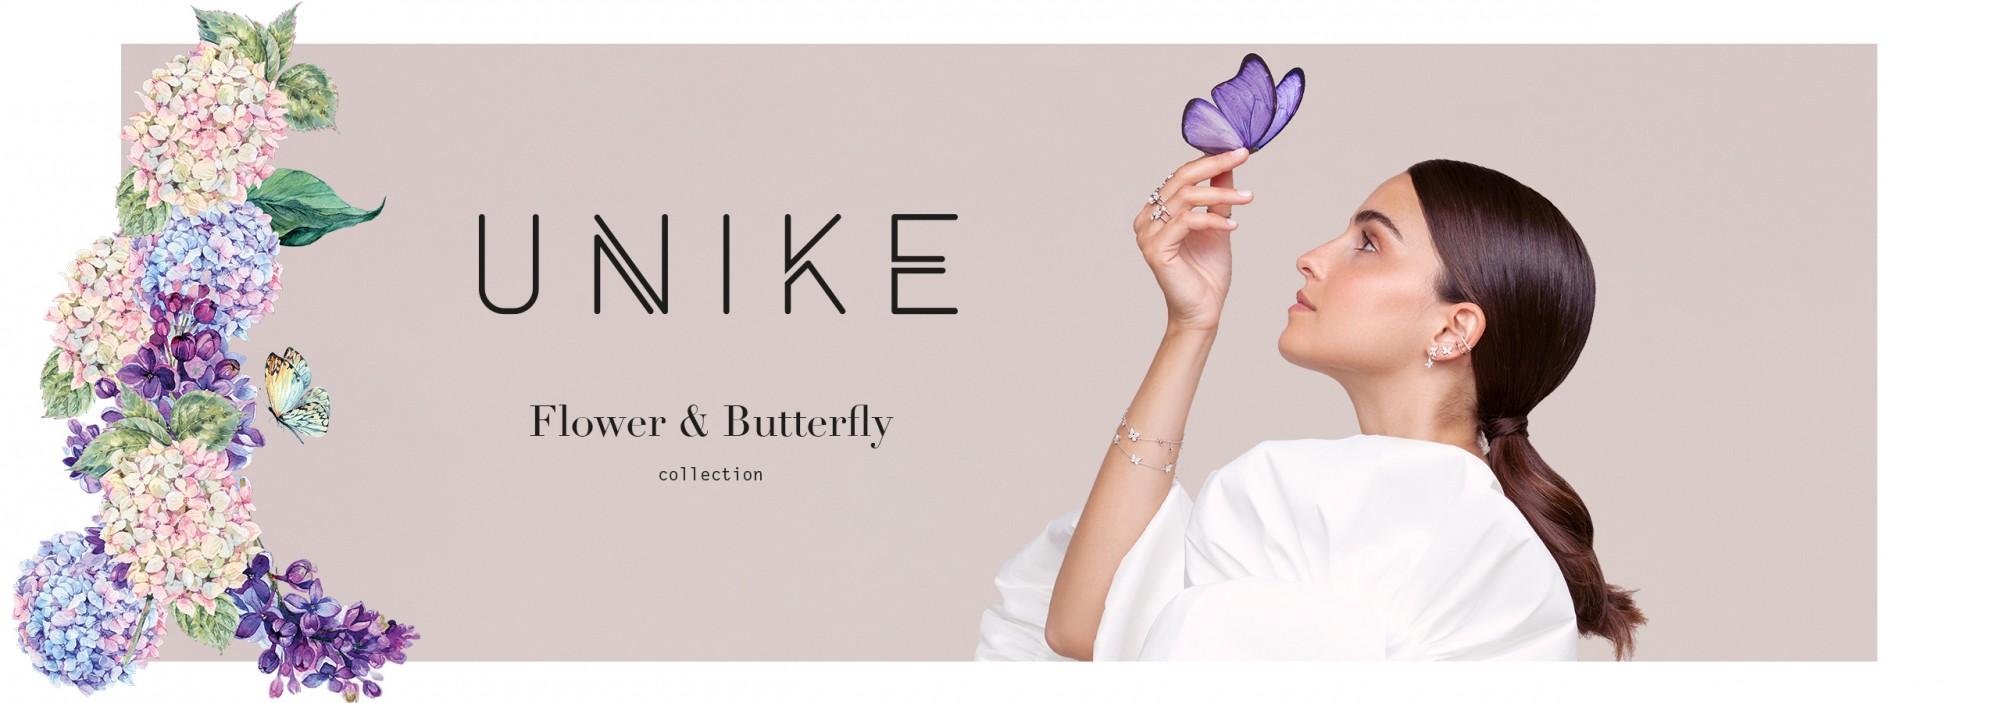 Coleção de joias UNIKE Flower e Butterfly. Joias em prata de lei.